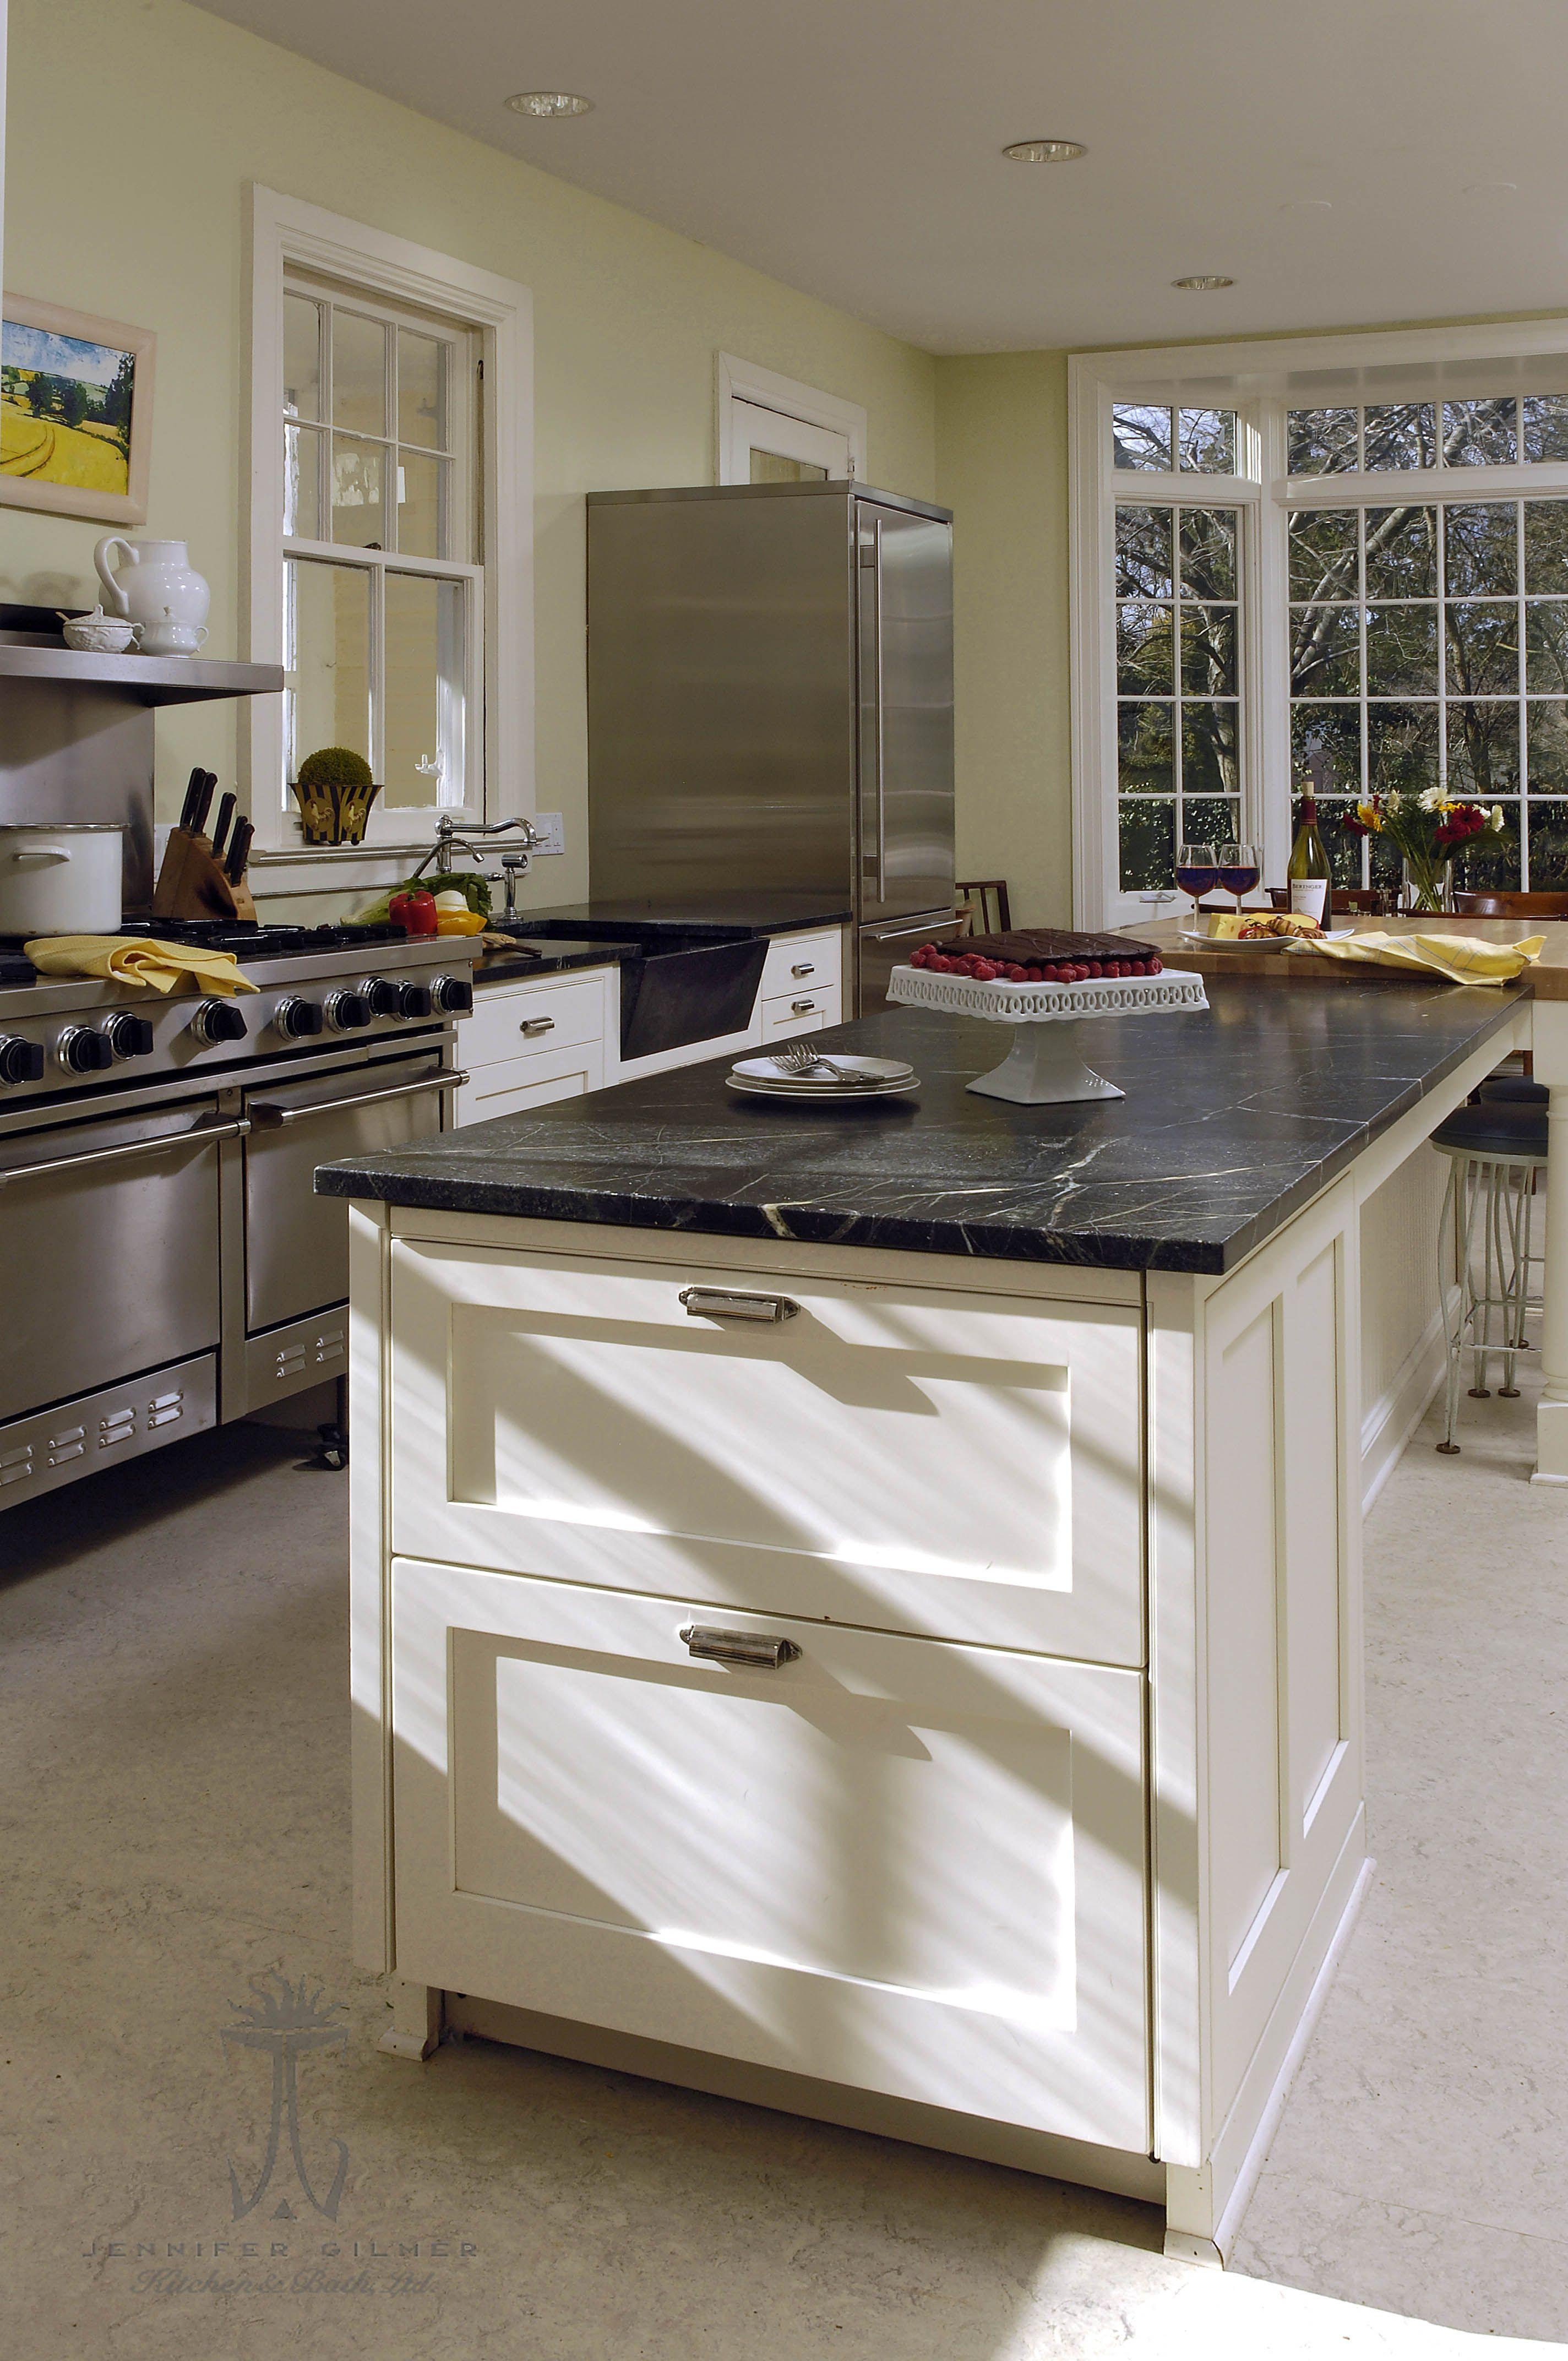 Kitchen Designed By Jennifer Gilmer Kitchen U0026 Bath In Alexandria, Virginia  Includes Wolf R486G